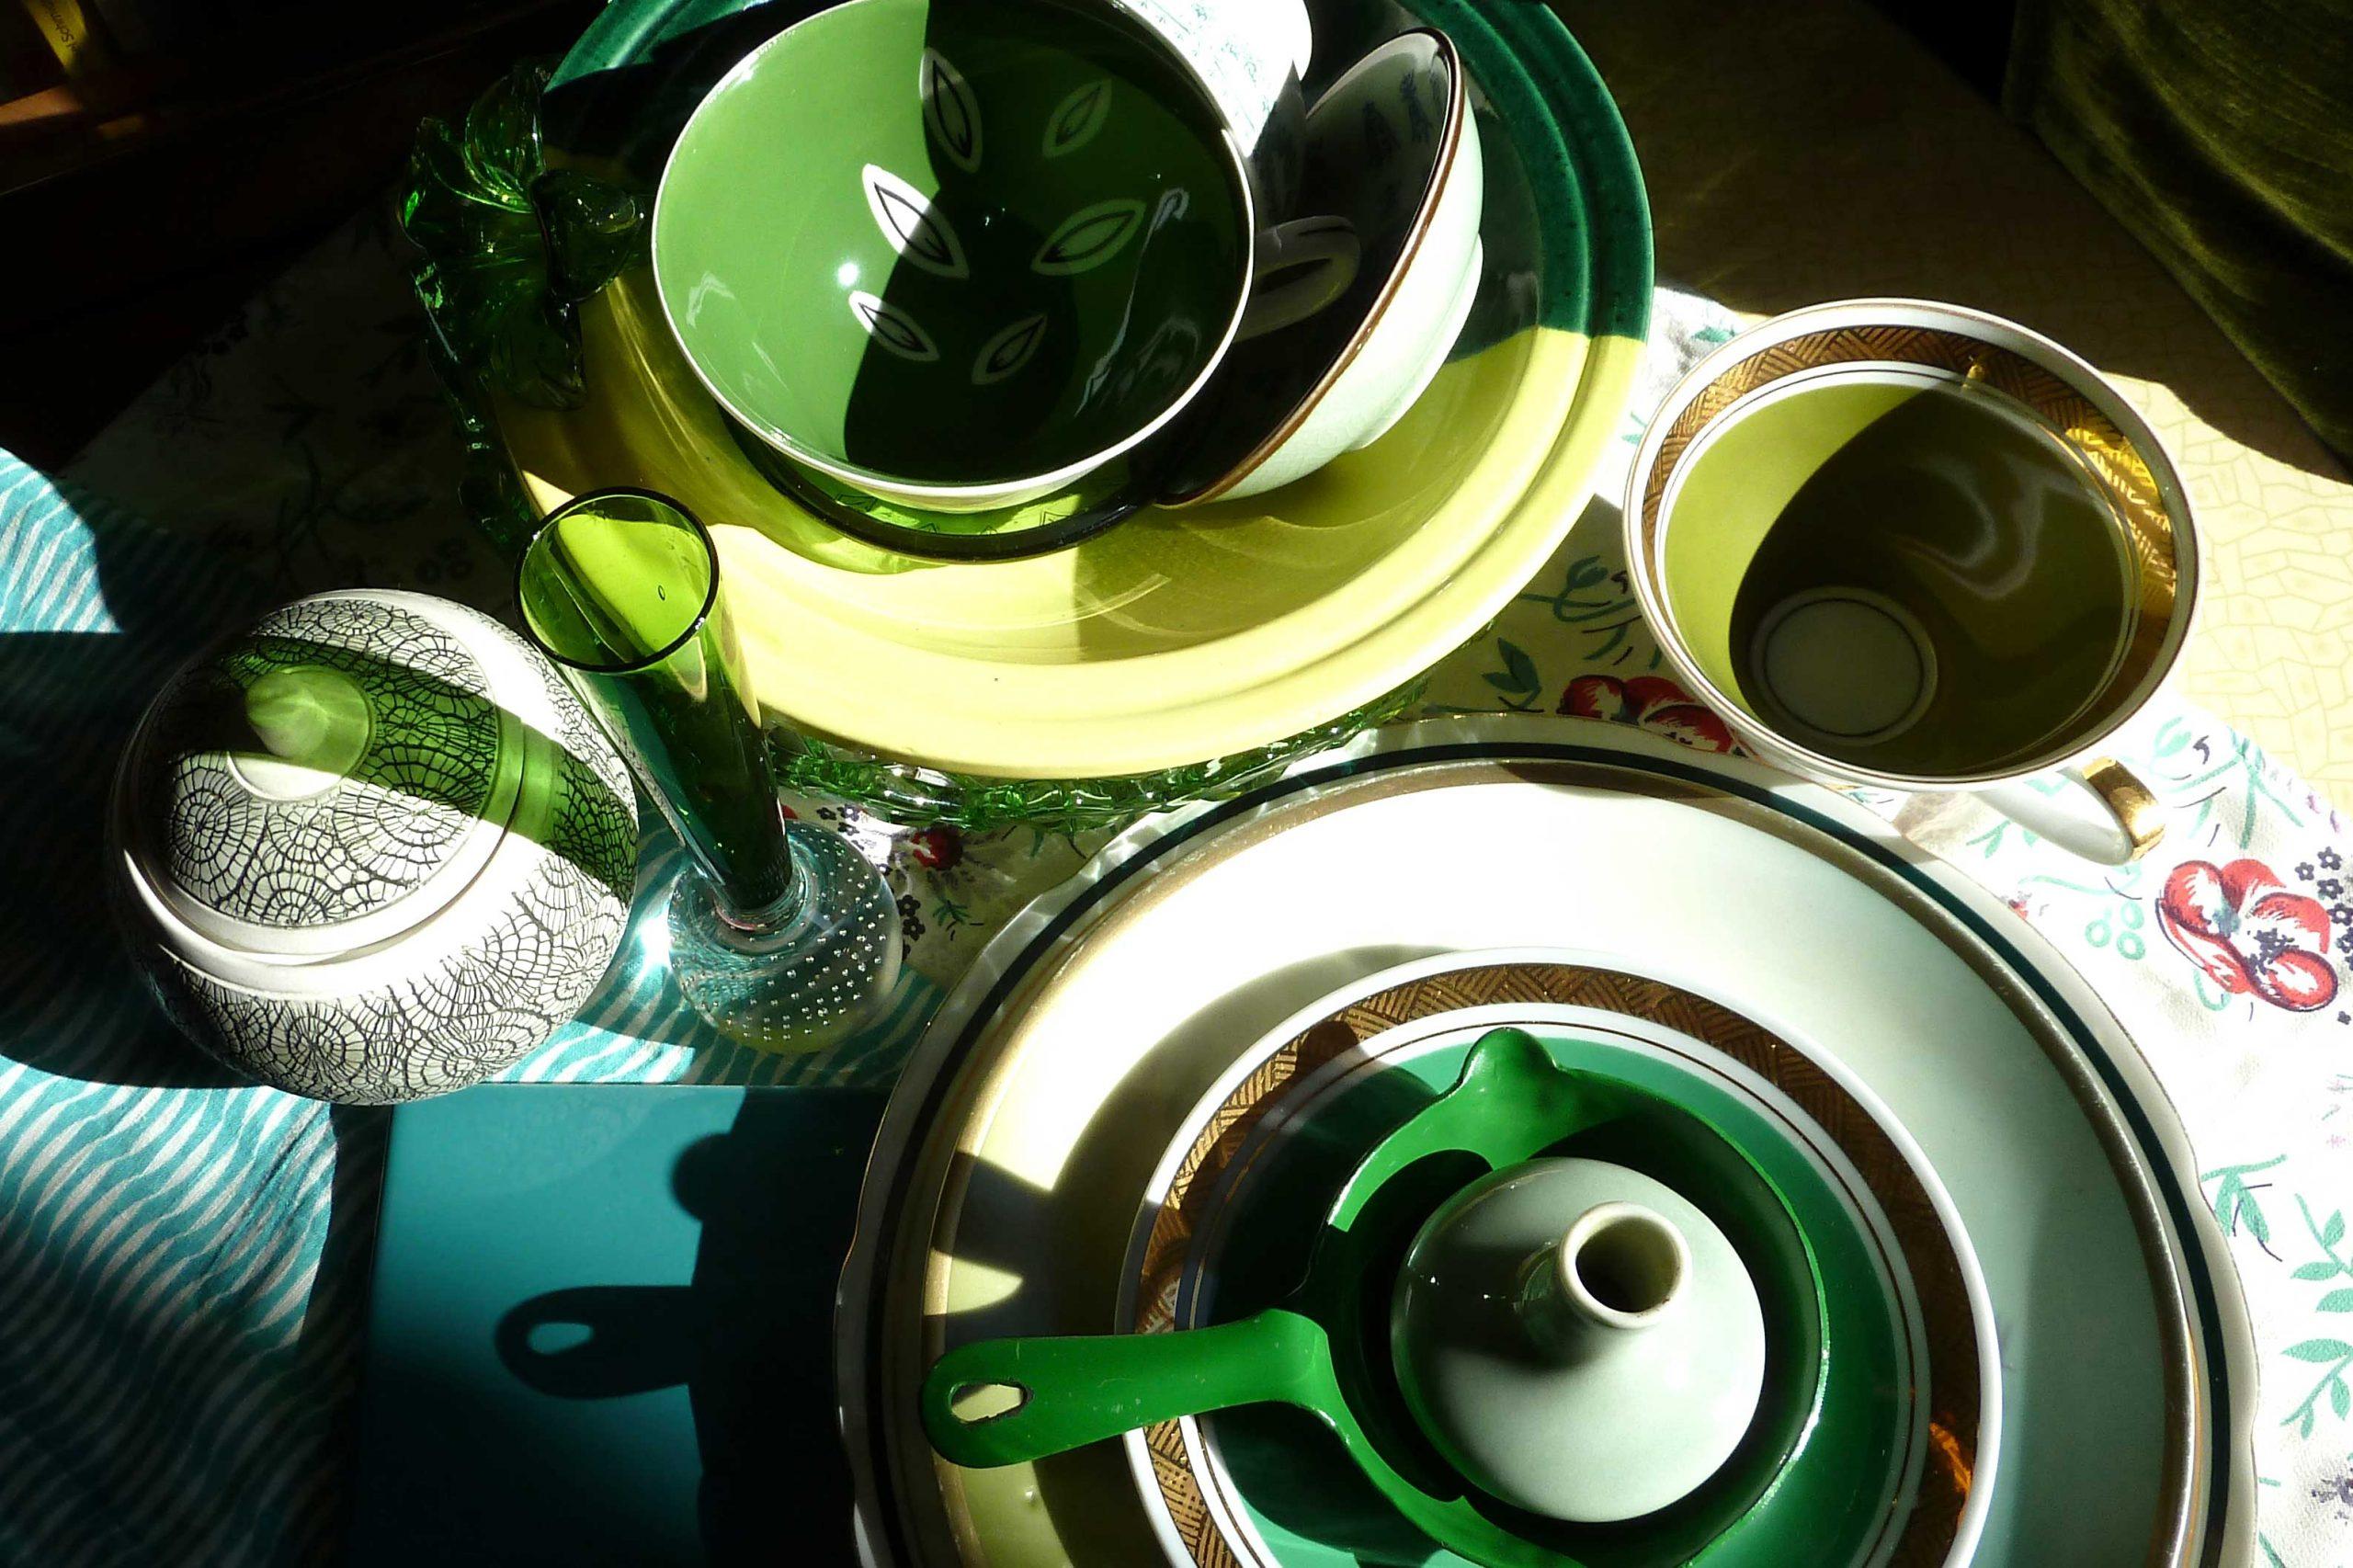 Grüne Vasen, Glas, Porzellan in Mai Sonne von oben gesehen